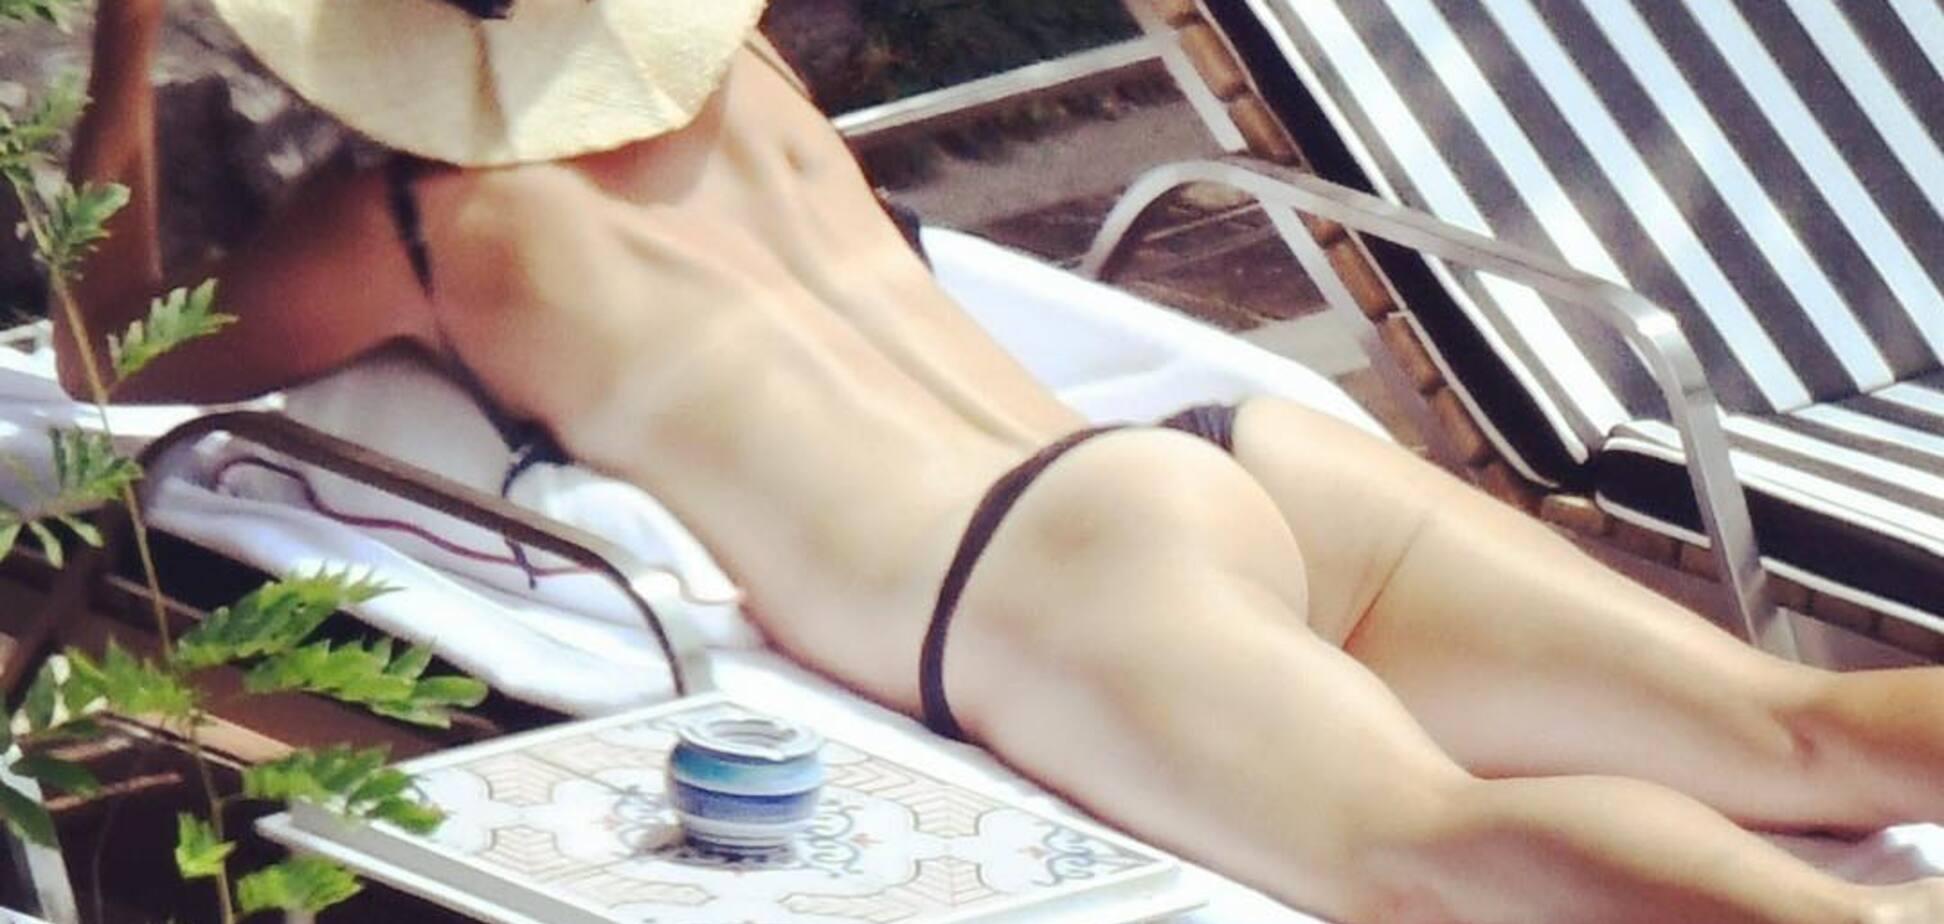 'Поцілуй у...' До мережі потрапили еротичні фото росіянки Шарапової